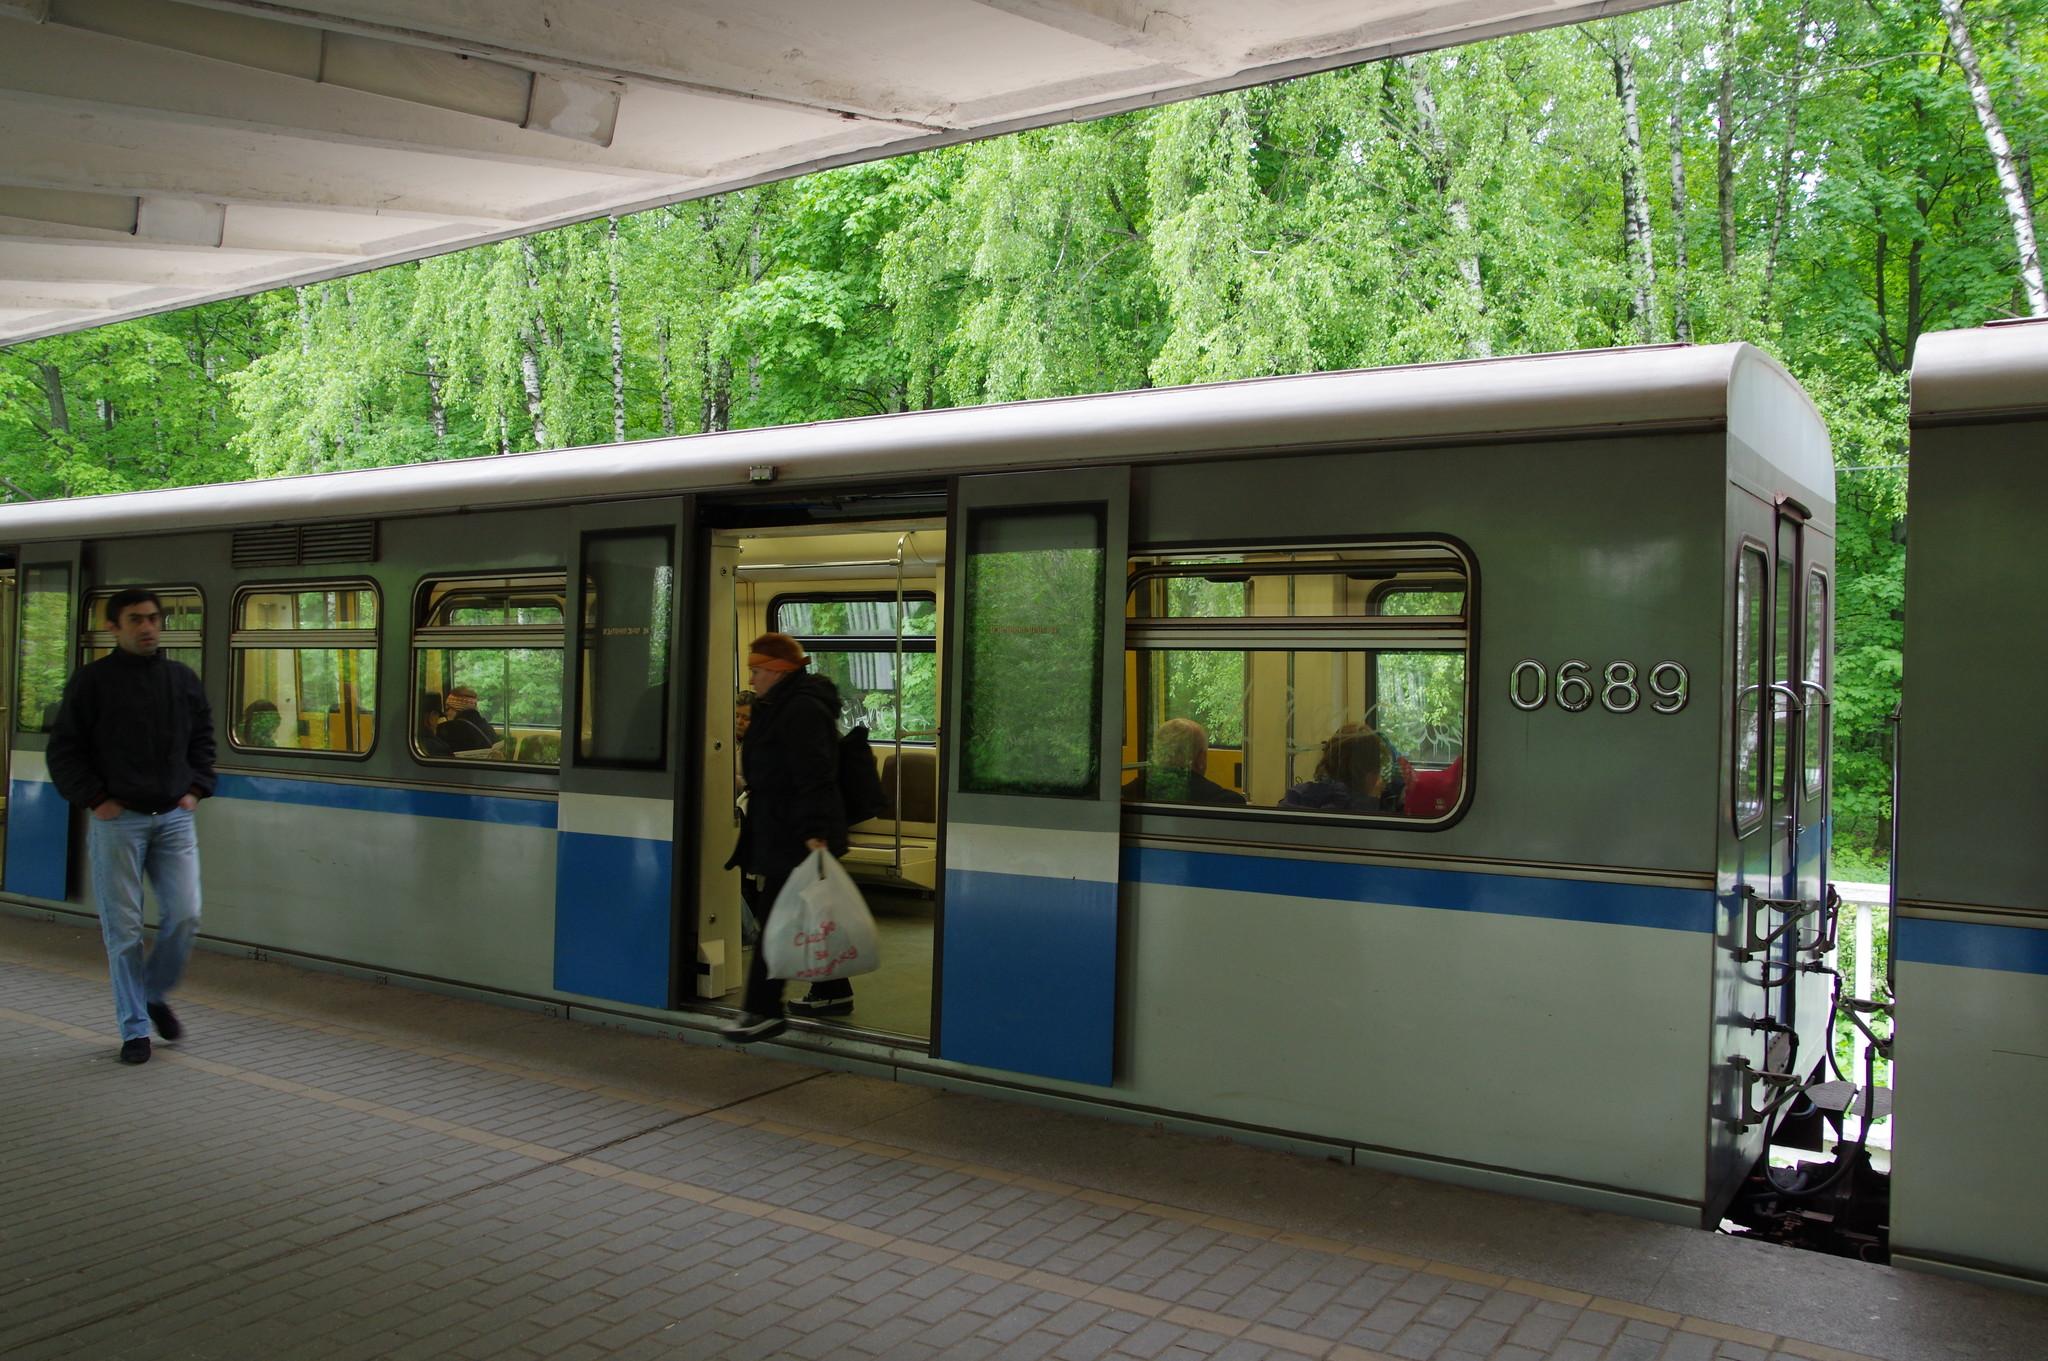 Промежуточный вагон 81-741.1 «Русич» номер 0689 на станции «Измайловская» Арбатско-Покровской линии Московского метрополитена